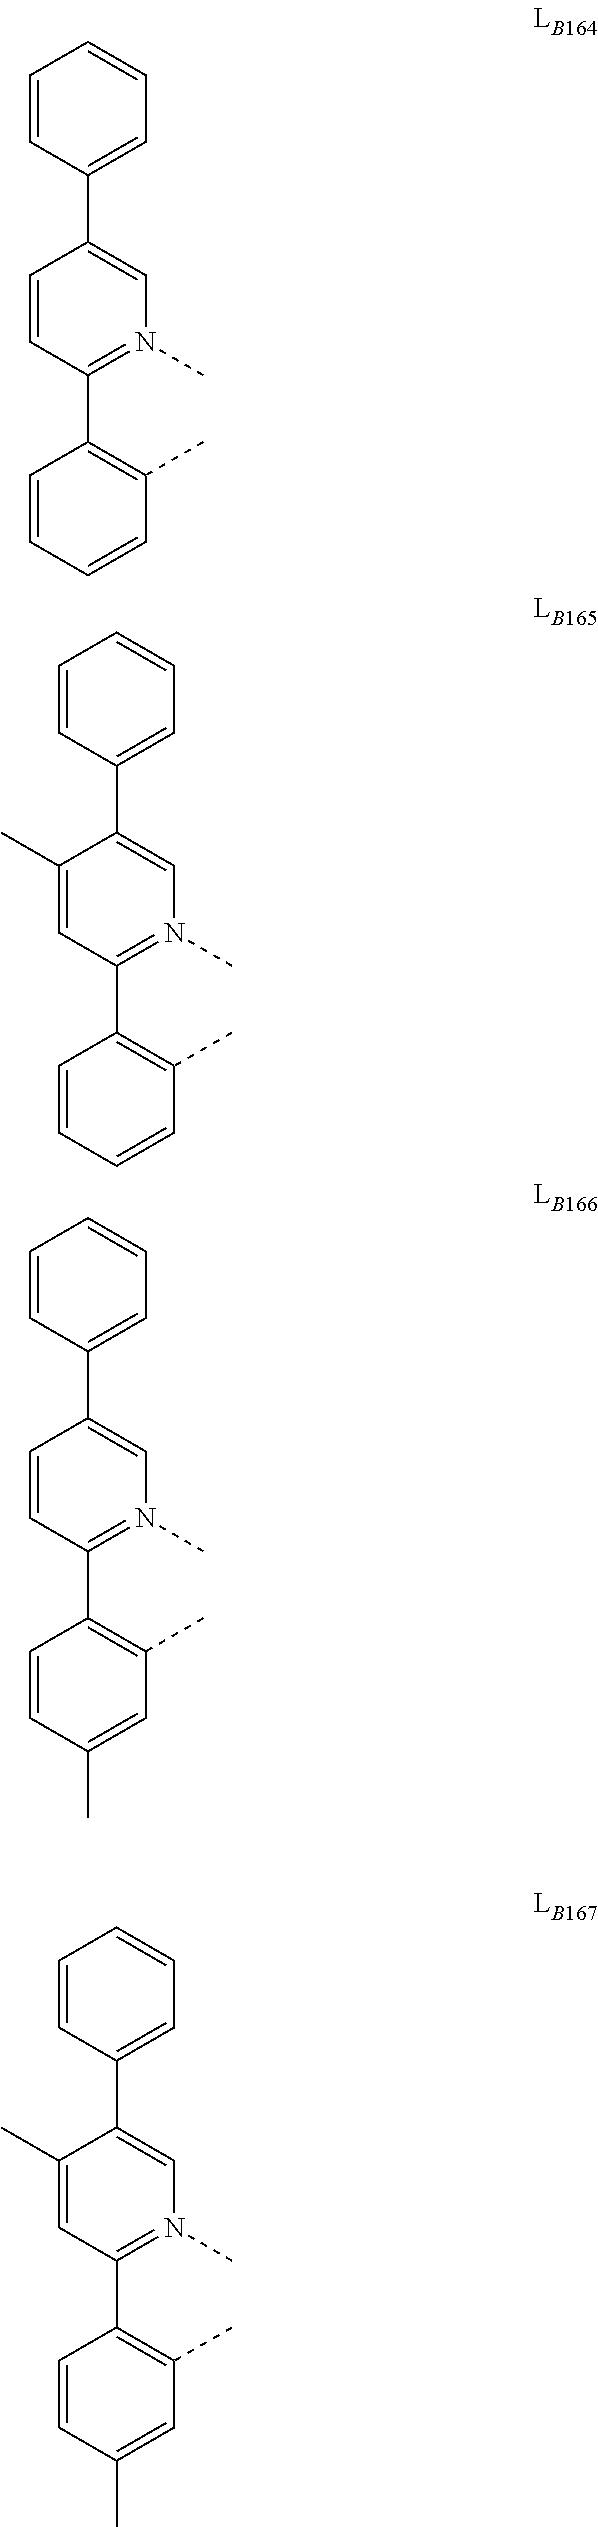 Figure US20180130962A1-20180510-C00292